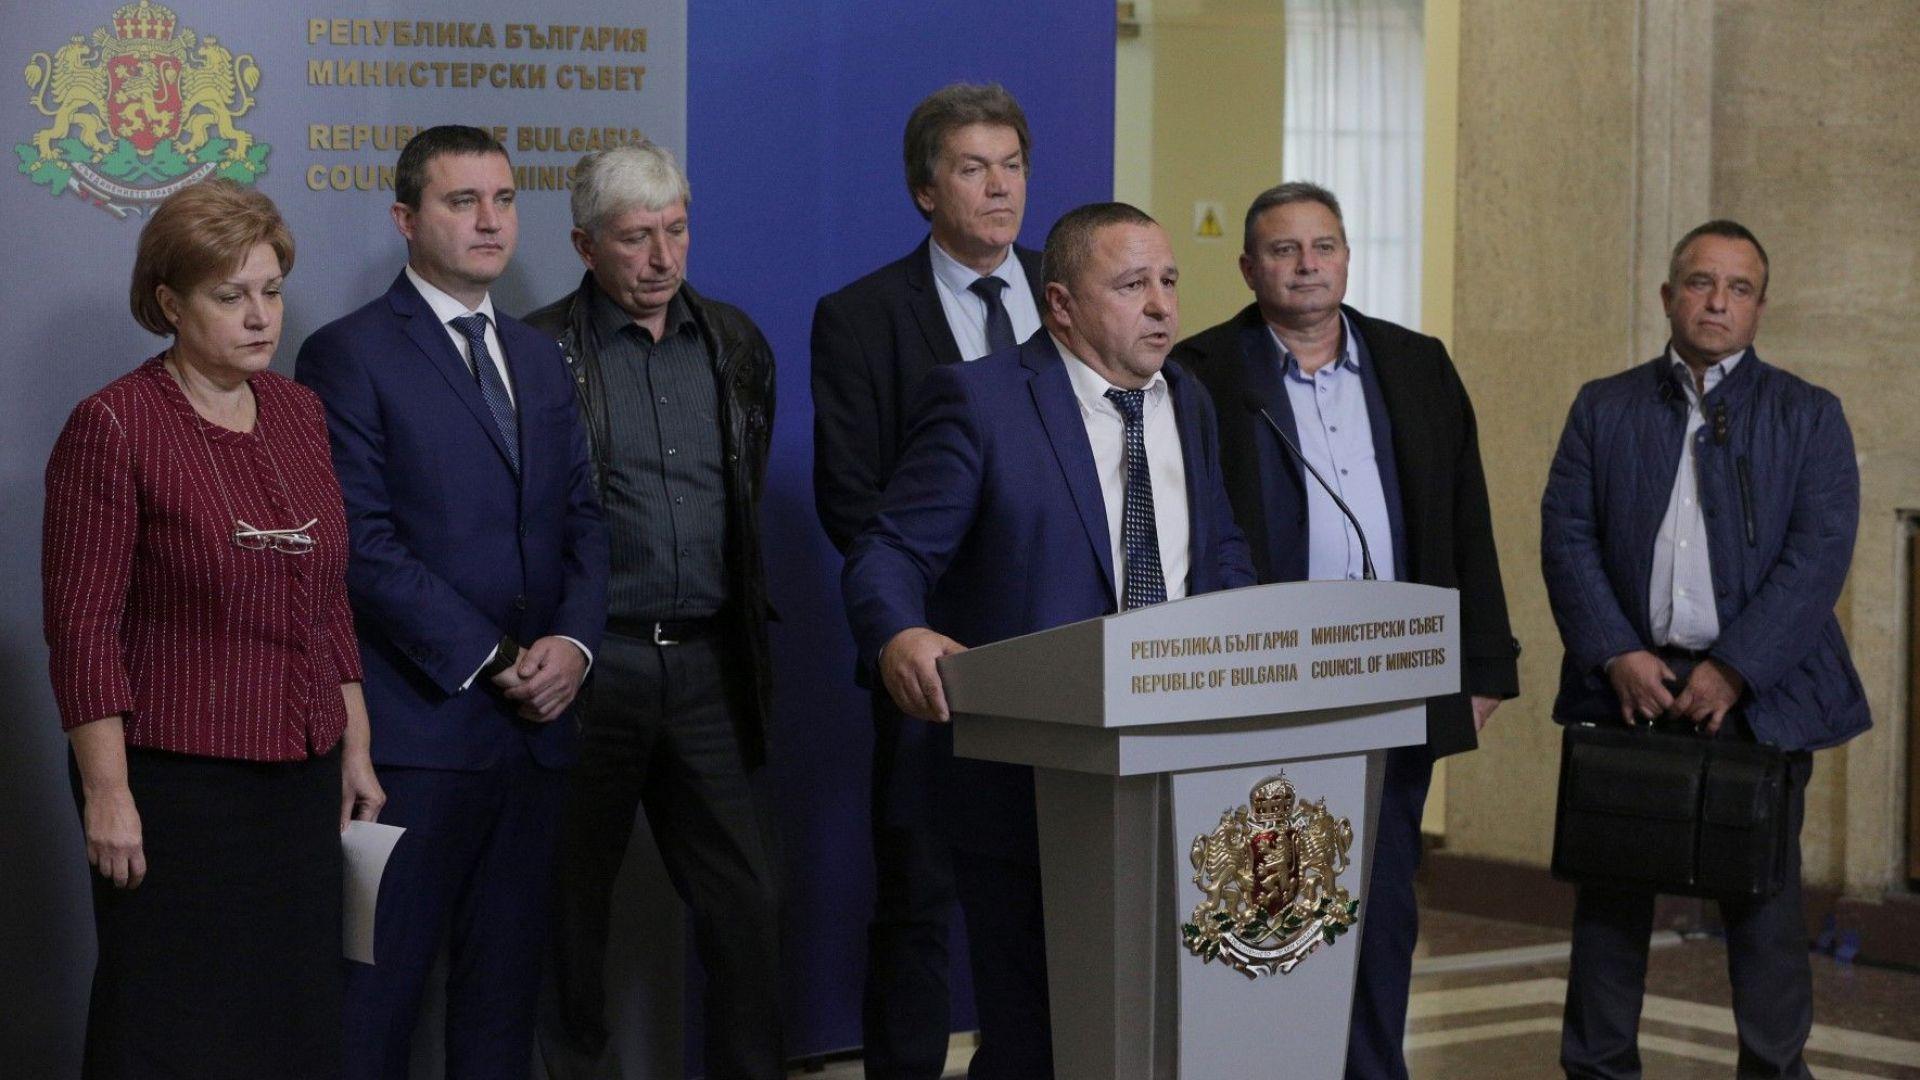 Кметовете се разбраха с Борисов, няма да протестират